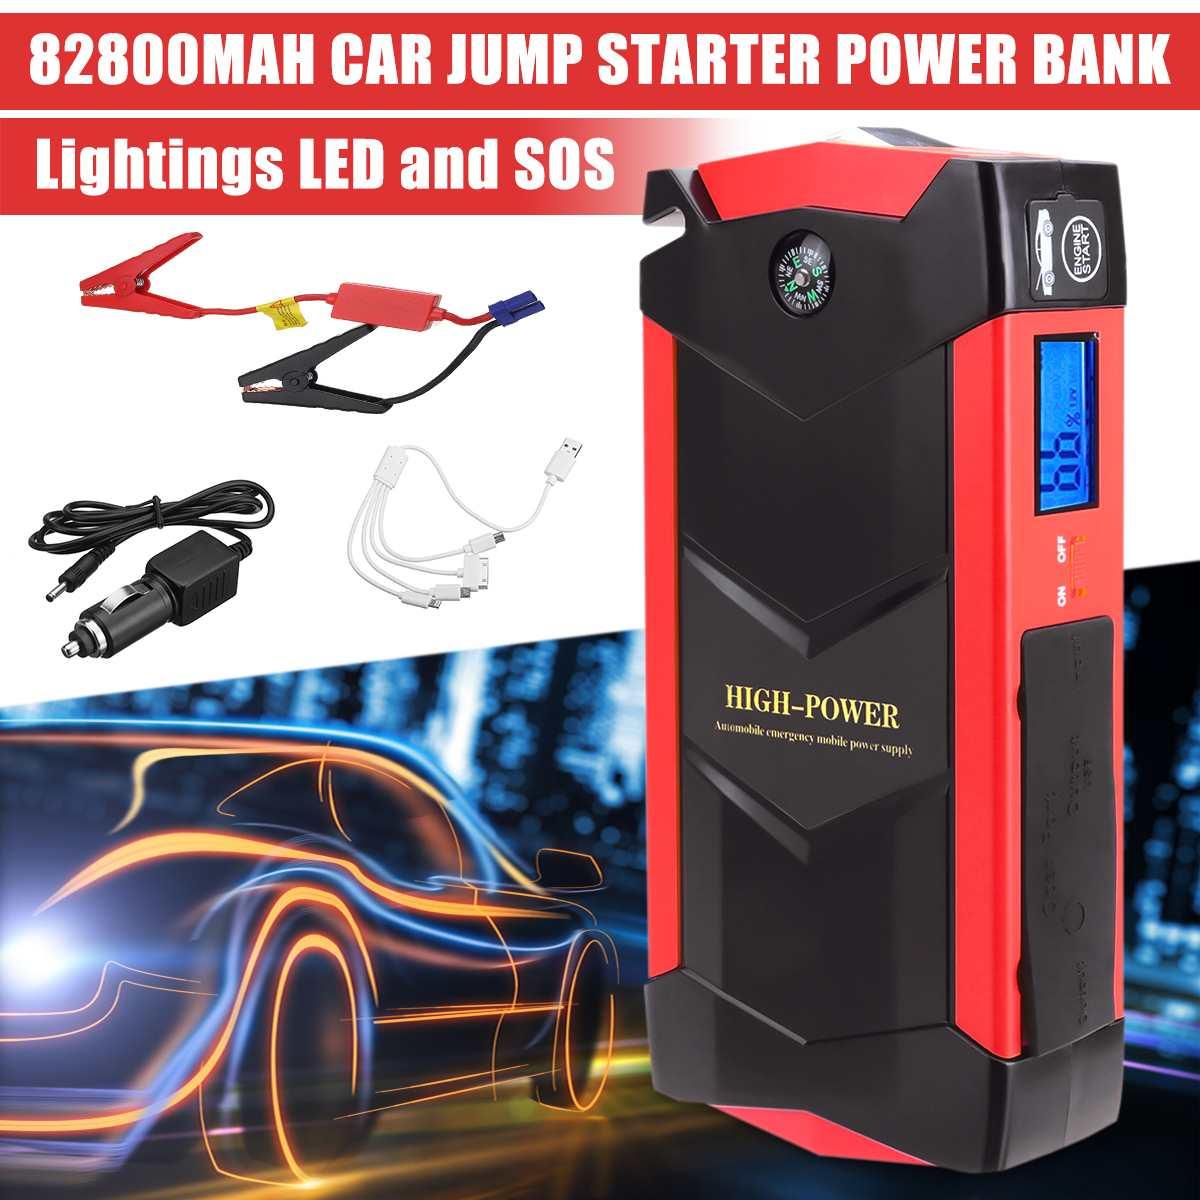 82800 mAh 4 USB 12 V Portable LED d'urgence voiture batterie saut démarreur multifonction batterie externe trousse à outils pour démarrage automatique dispositif